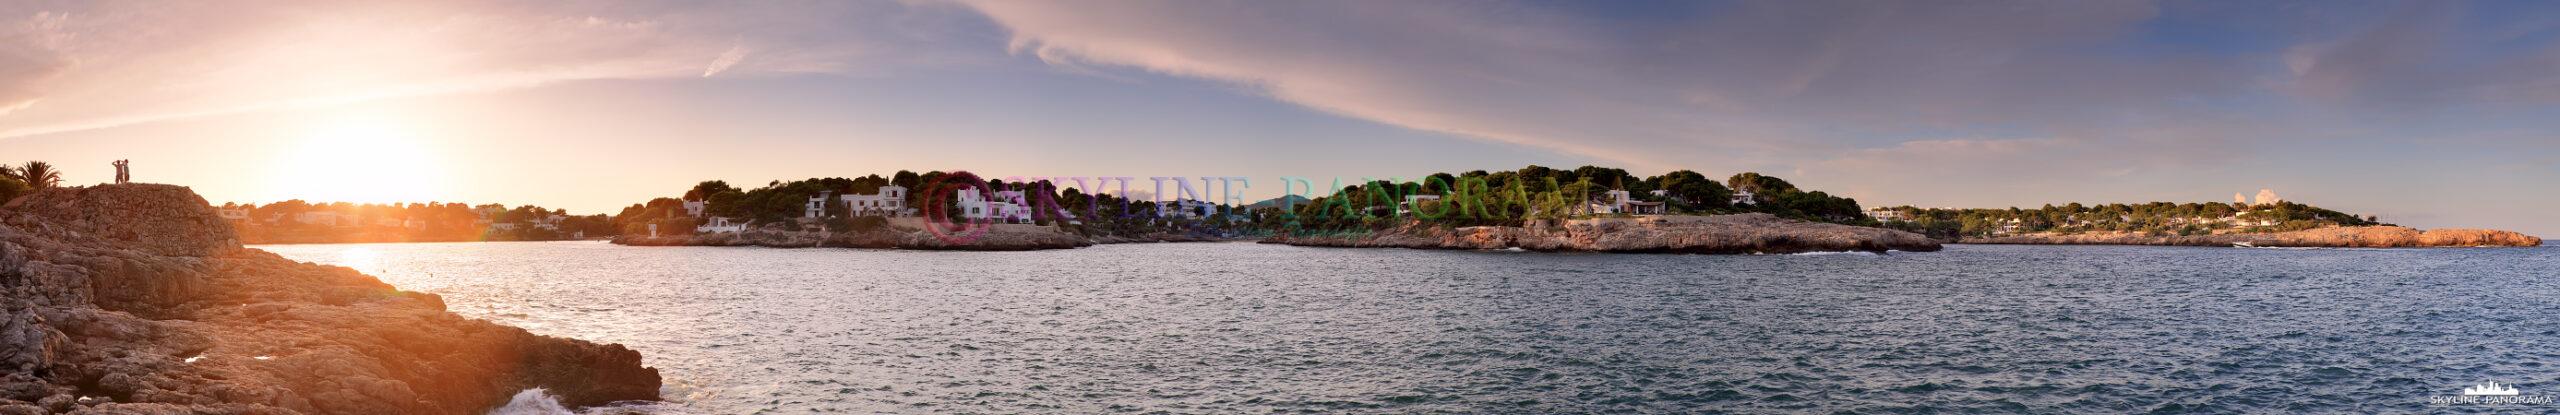 Cala d´Or zum Sonnenuntergang   Dieses Panorama zeigt den Blick vom Aussichtspunkt in der Nähe der Festung Es Forti in Richtung der bekannten Badebuchten...